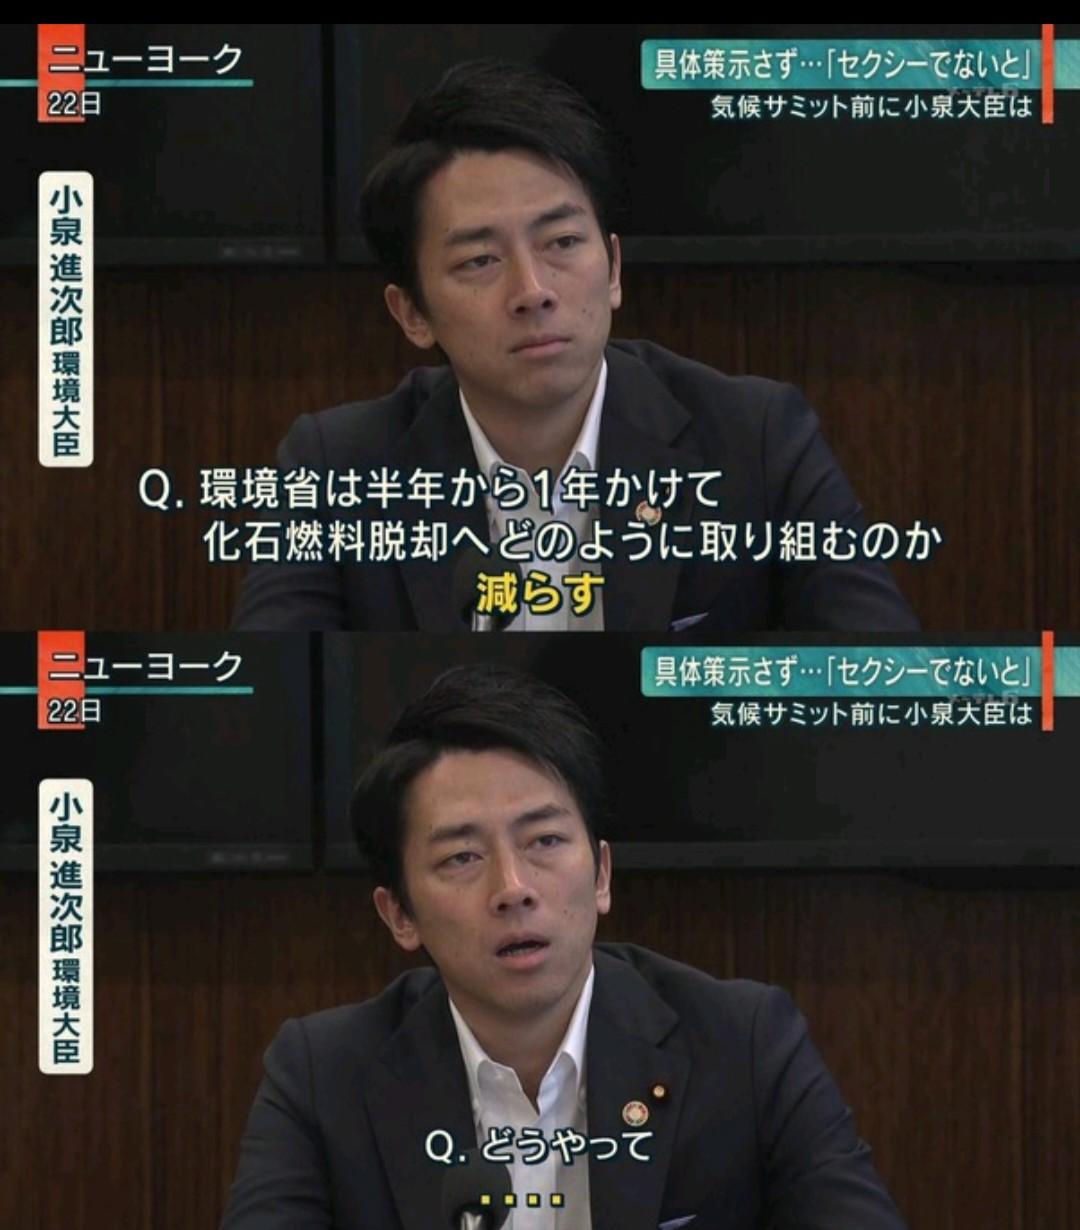 【速報】東京都で新たに4066人感染、20代 1367人、30代 797人、65歳以上は130人